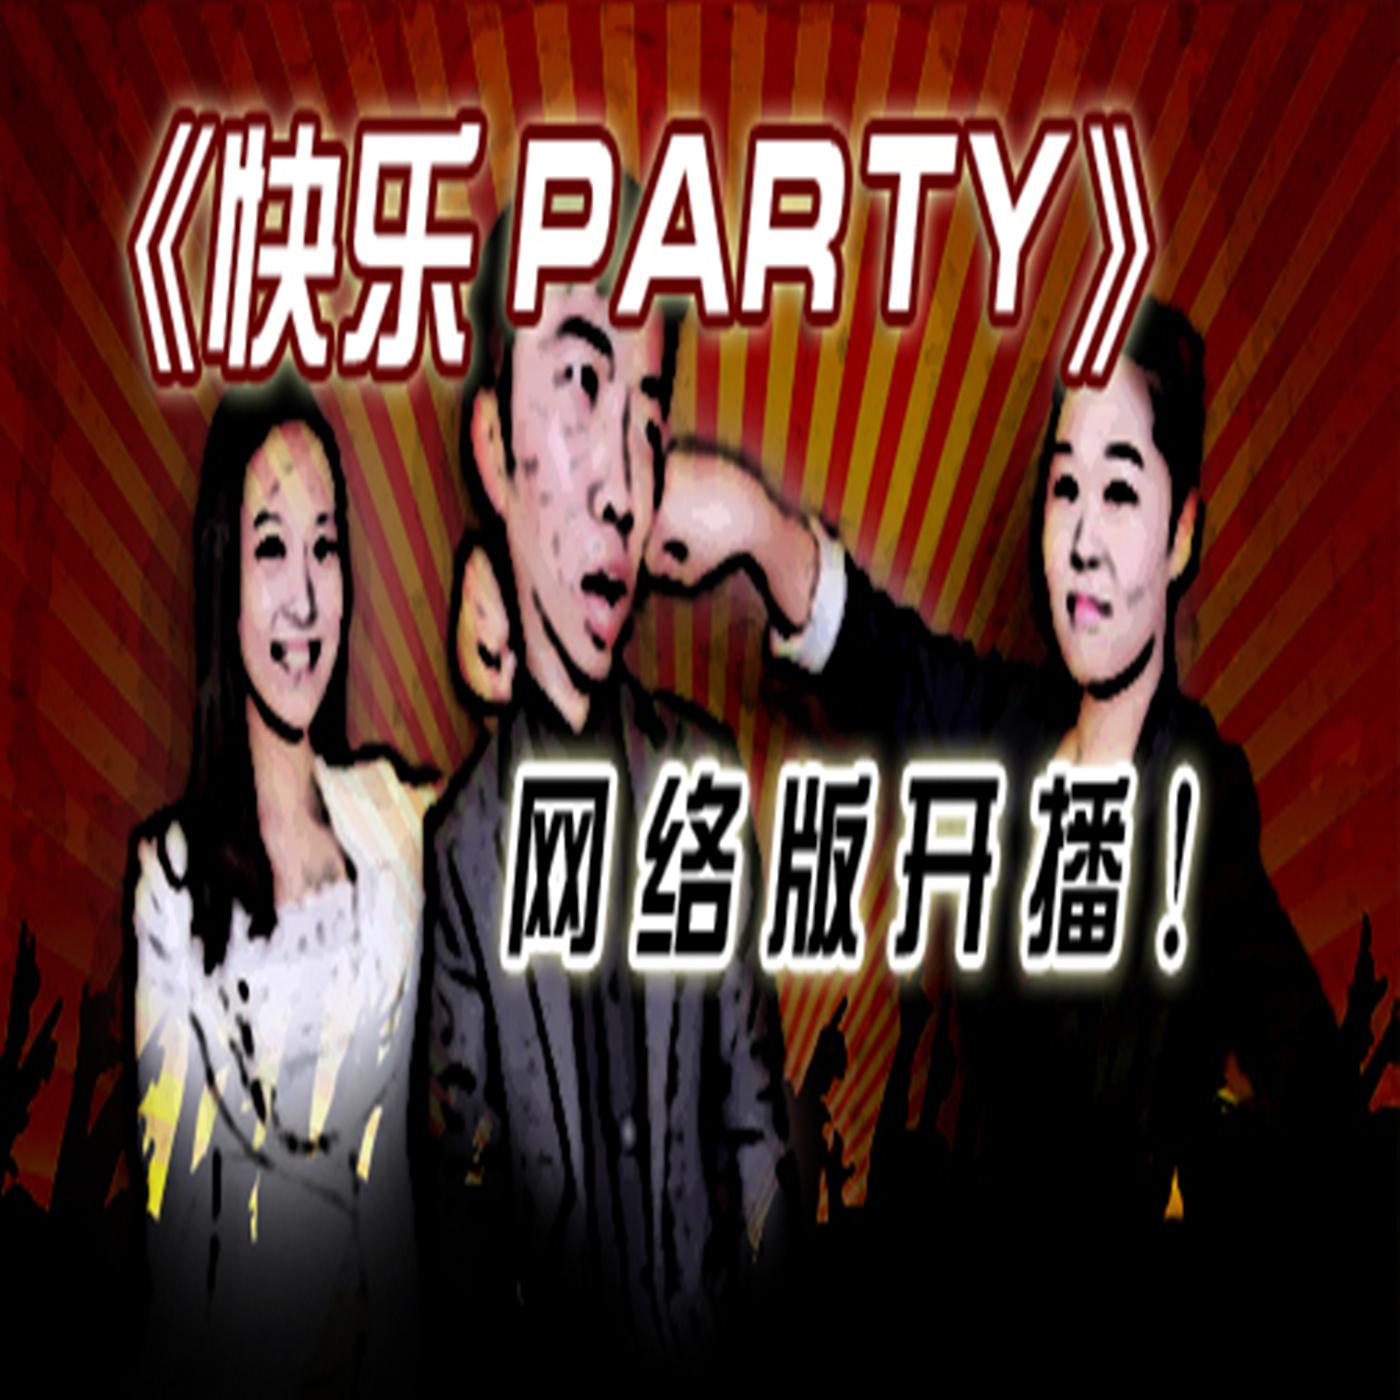 997快乐party